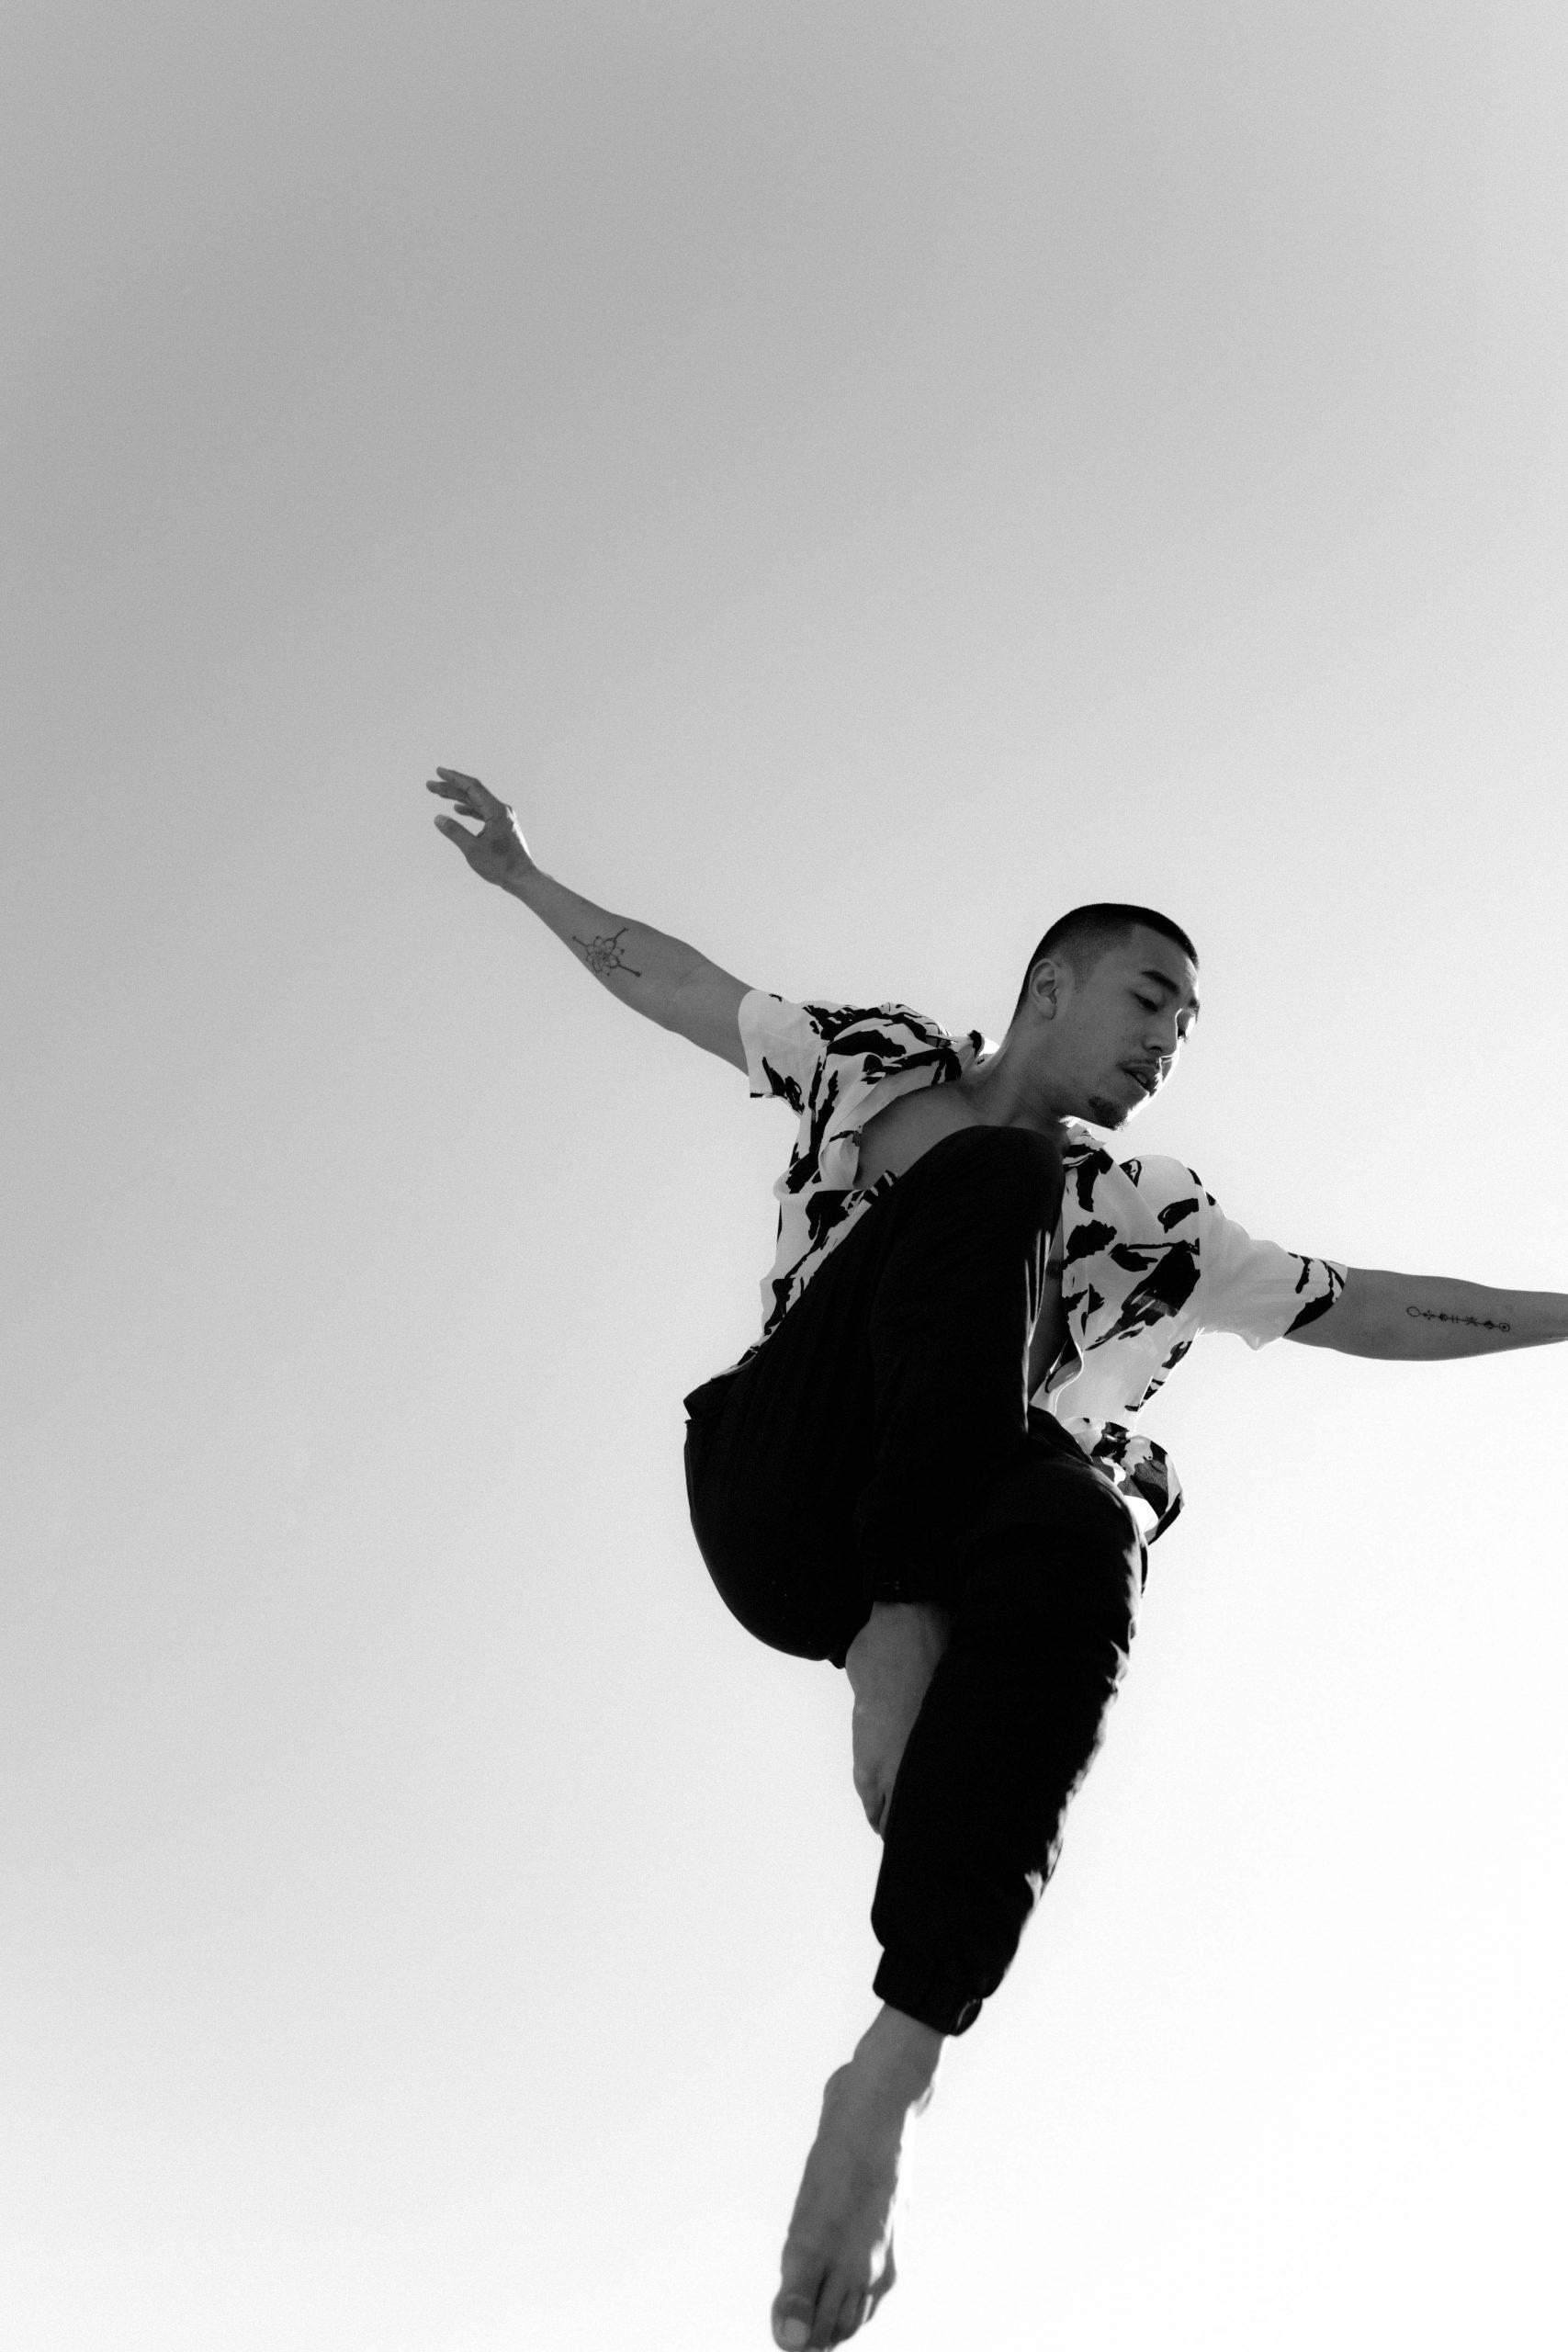 Danseur saut noir et blanc